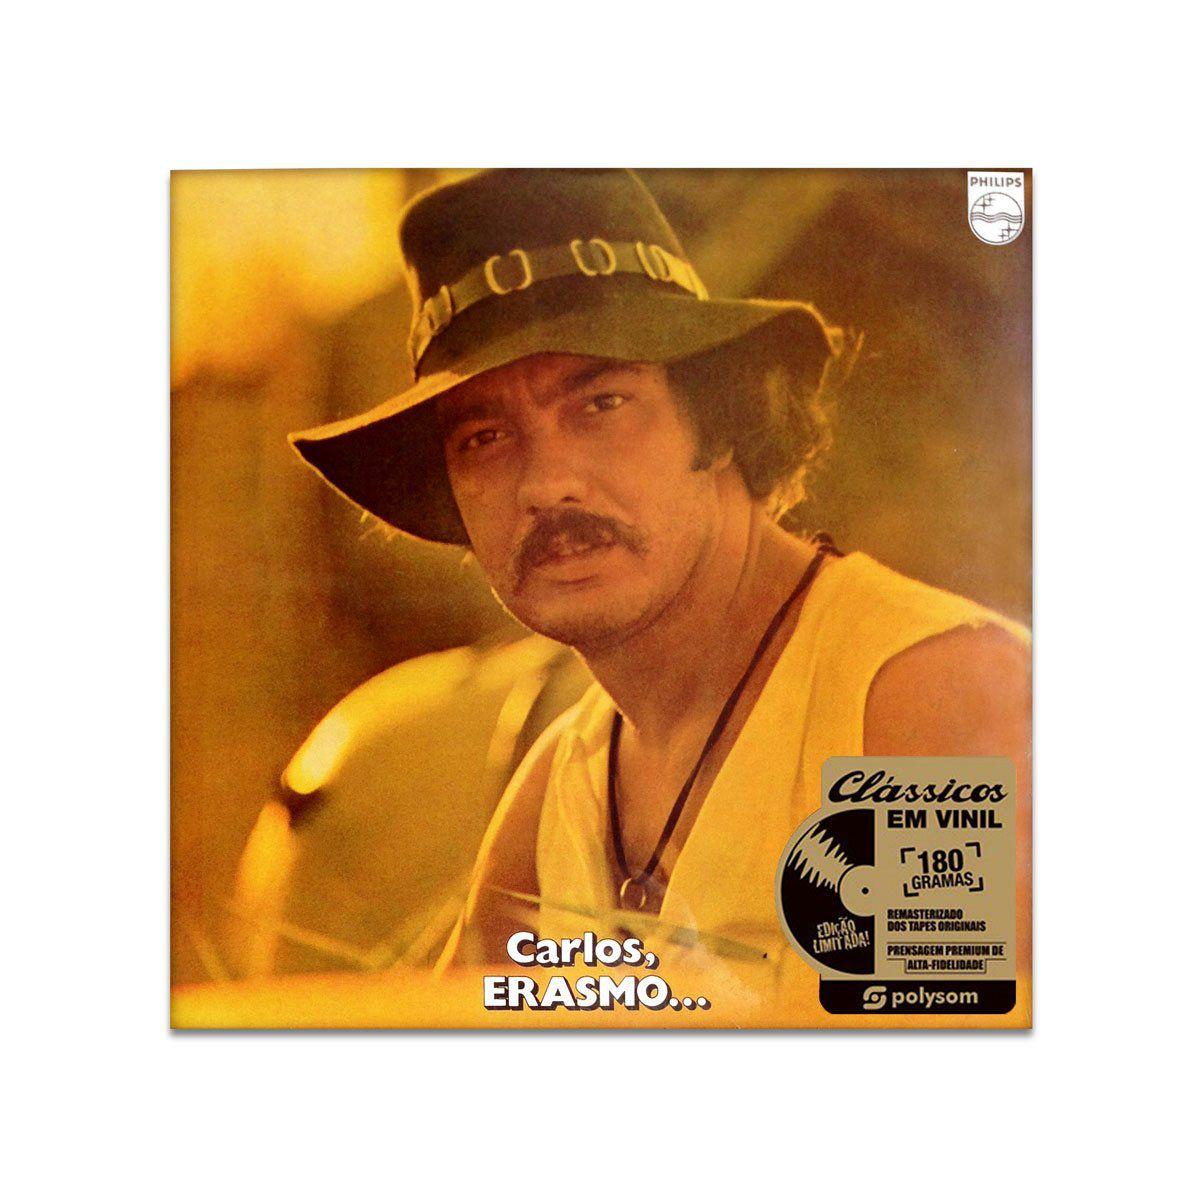 LP Erasmo Carlos - Carlos, Erasmo  - bandUP Store Marketplace